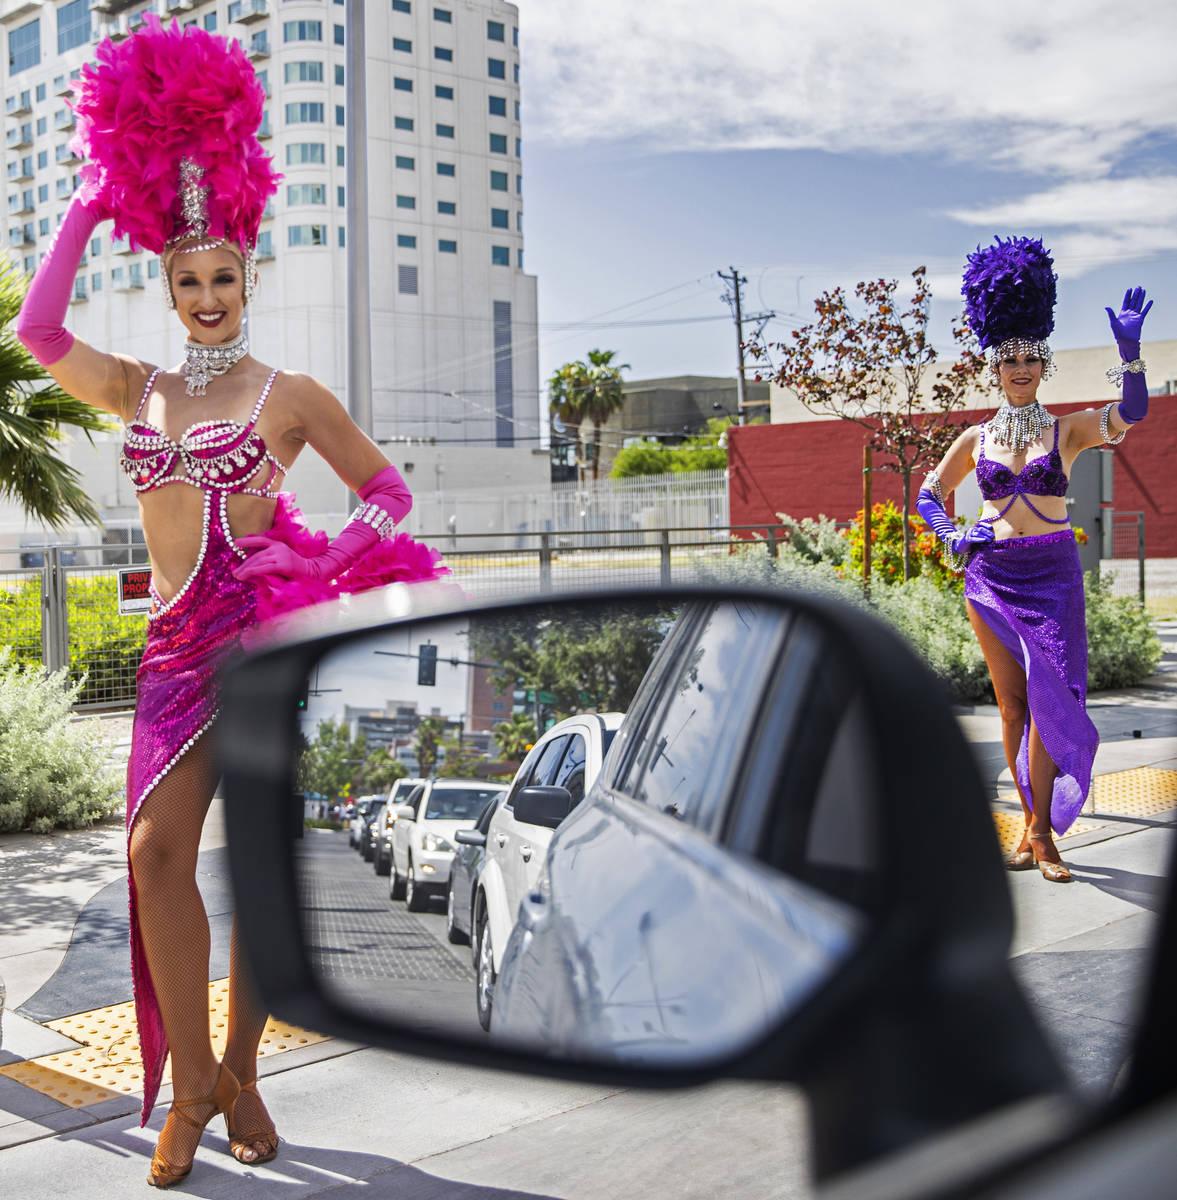 Coristas saludan a los coches que pasan durante el desfile de Las Vegas Days el sábado, 15 de ...